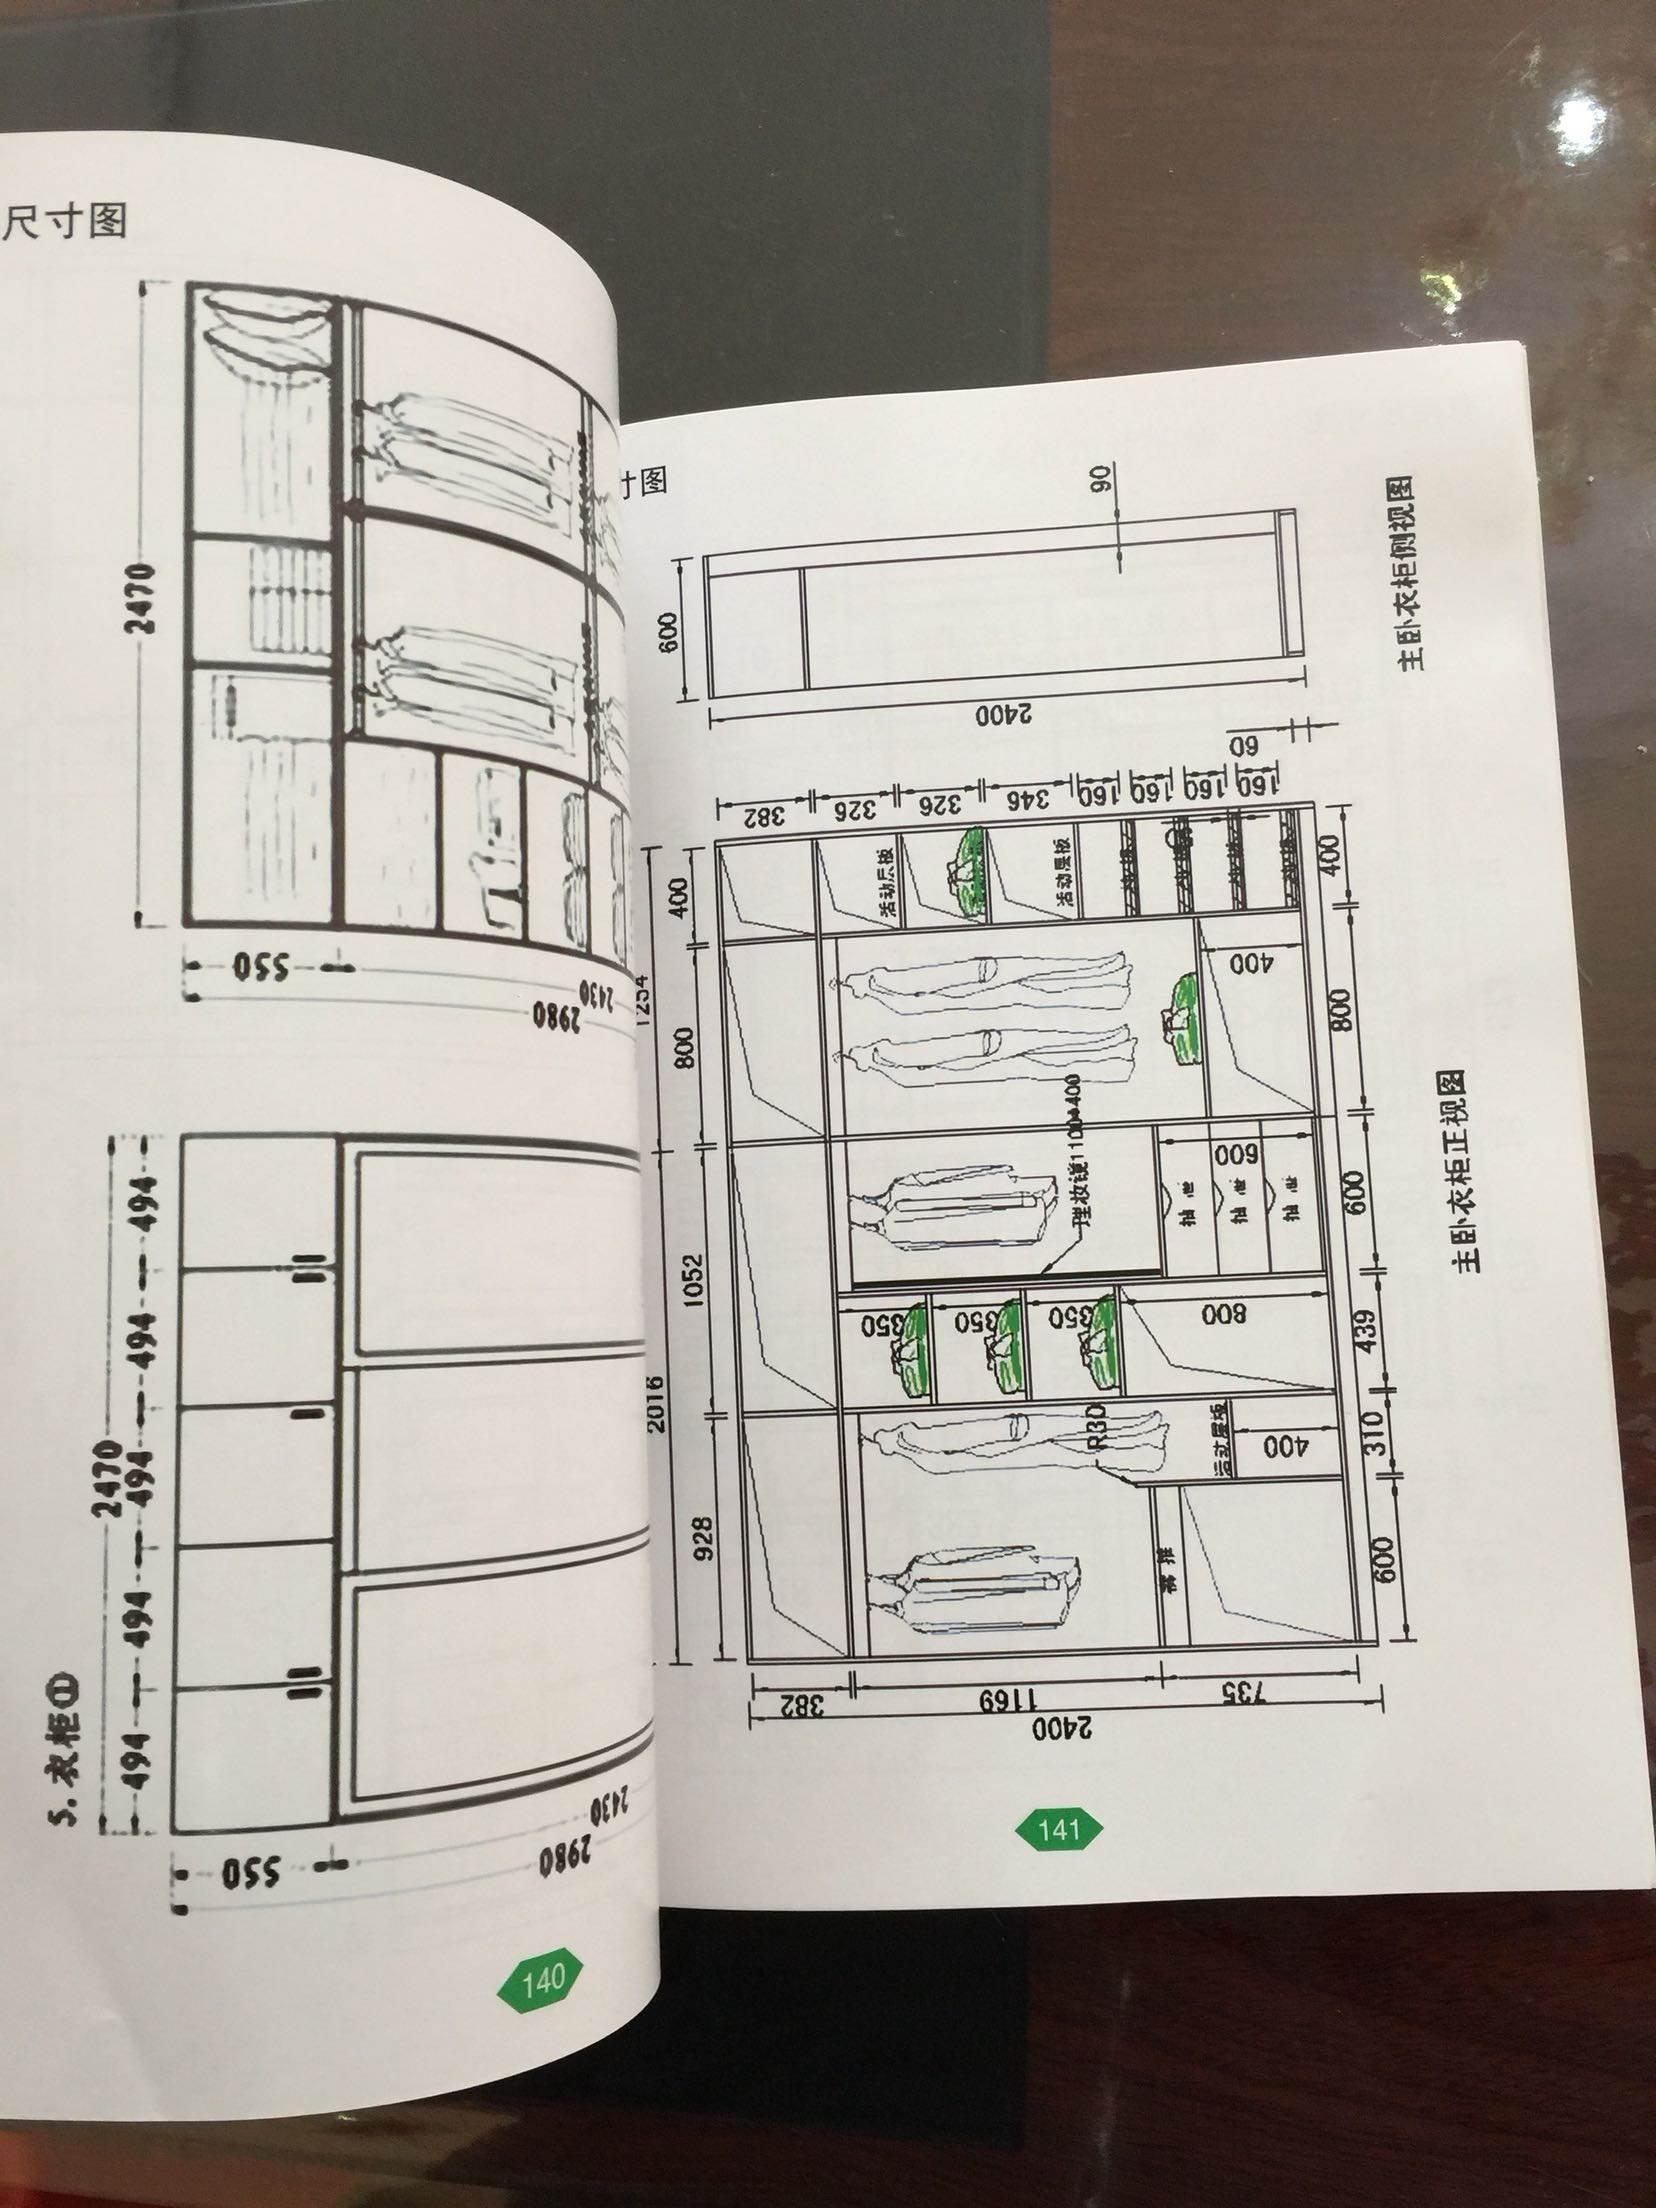 特价衣柜图册_尺寸造型室内装饰及图例木工装修图册算法衣柜画法2018图片